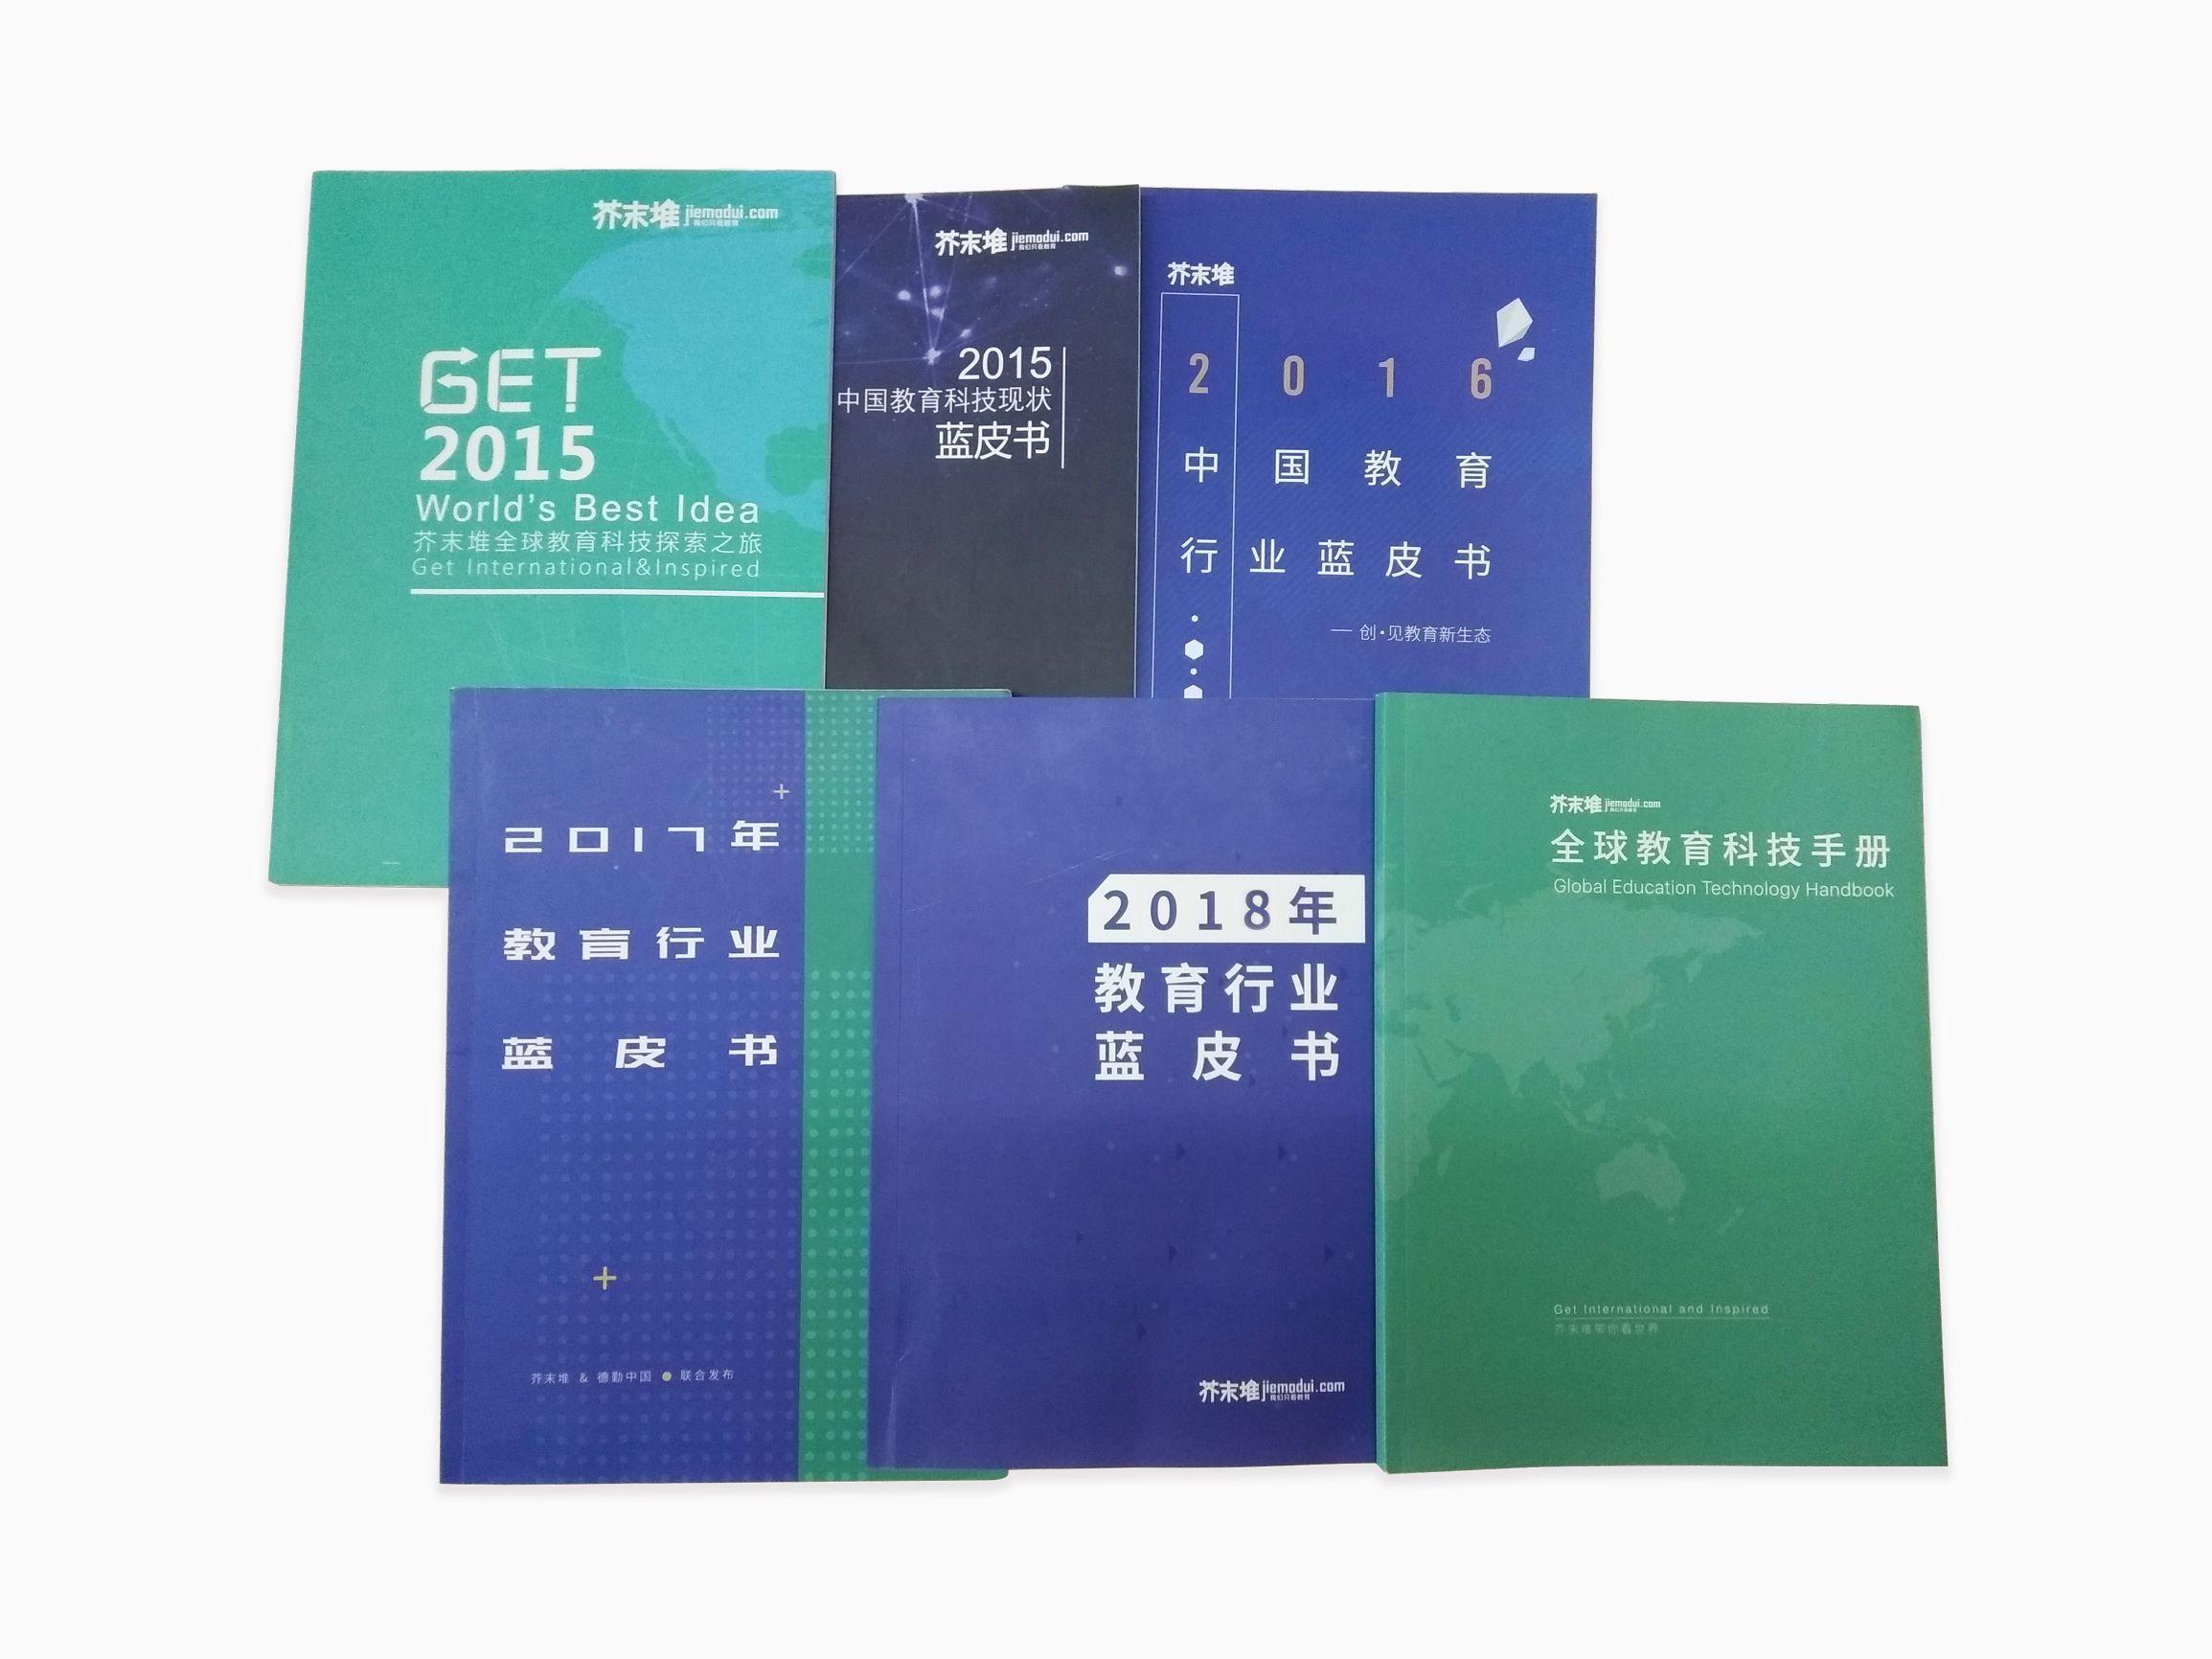 红海市场 英文_【报告】2018教育行业蓝皮书:红海语培,竞逐升温_市场